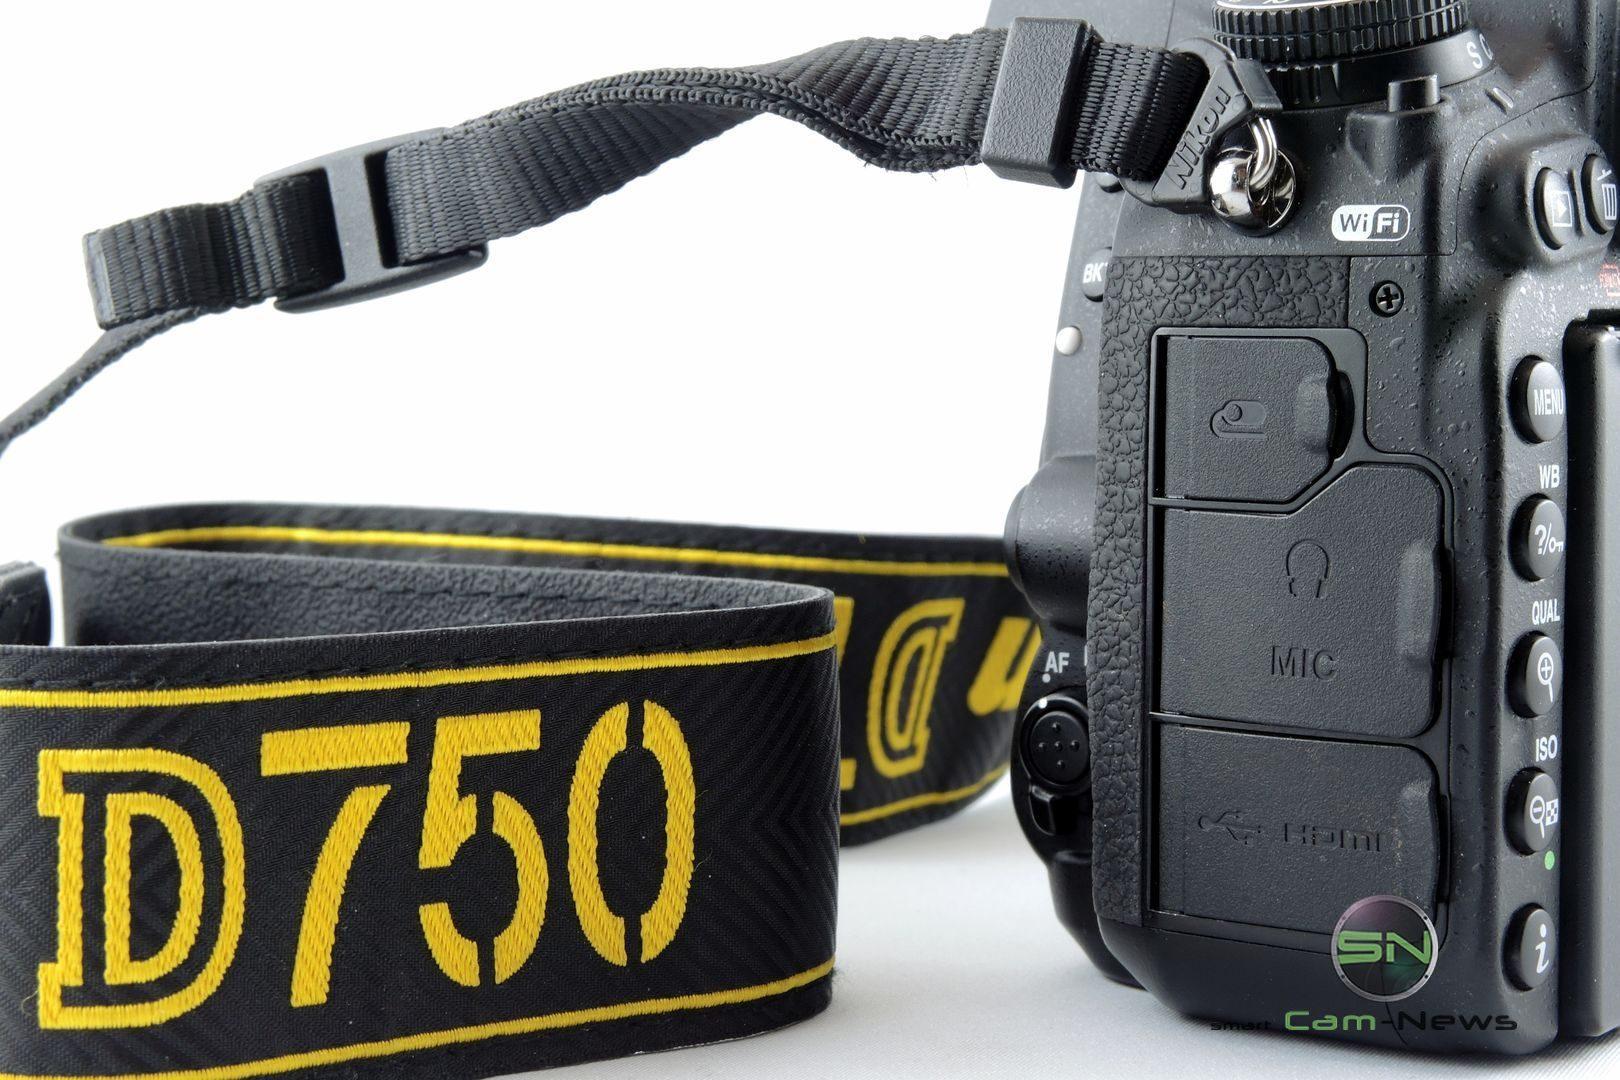 Abdeckungen - Nikon D750 - SmartCamNews